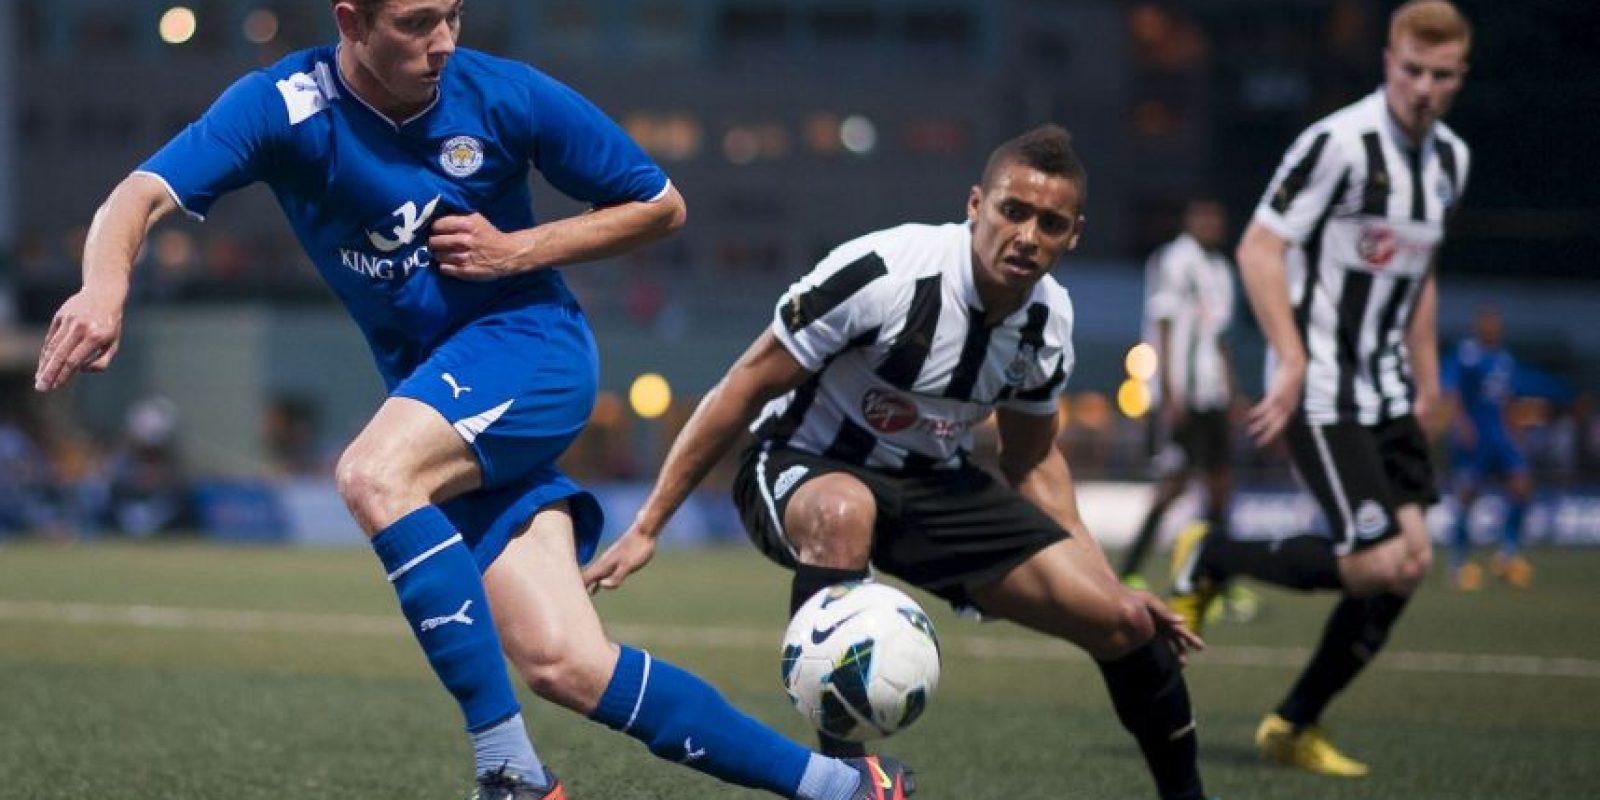 Este 2015, tres futbolistas del Leicester City protagonizaron un video sexual filtrado en las redes. En él aparecen Adam Smith, James Pearson y Tom Hopper teniendo relaciones con tres prostitutas tailandesas. Foto:Getty Images